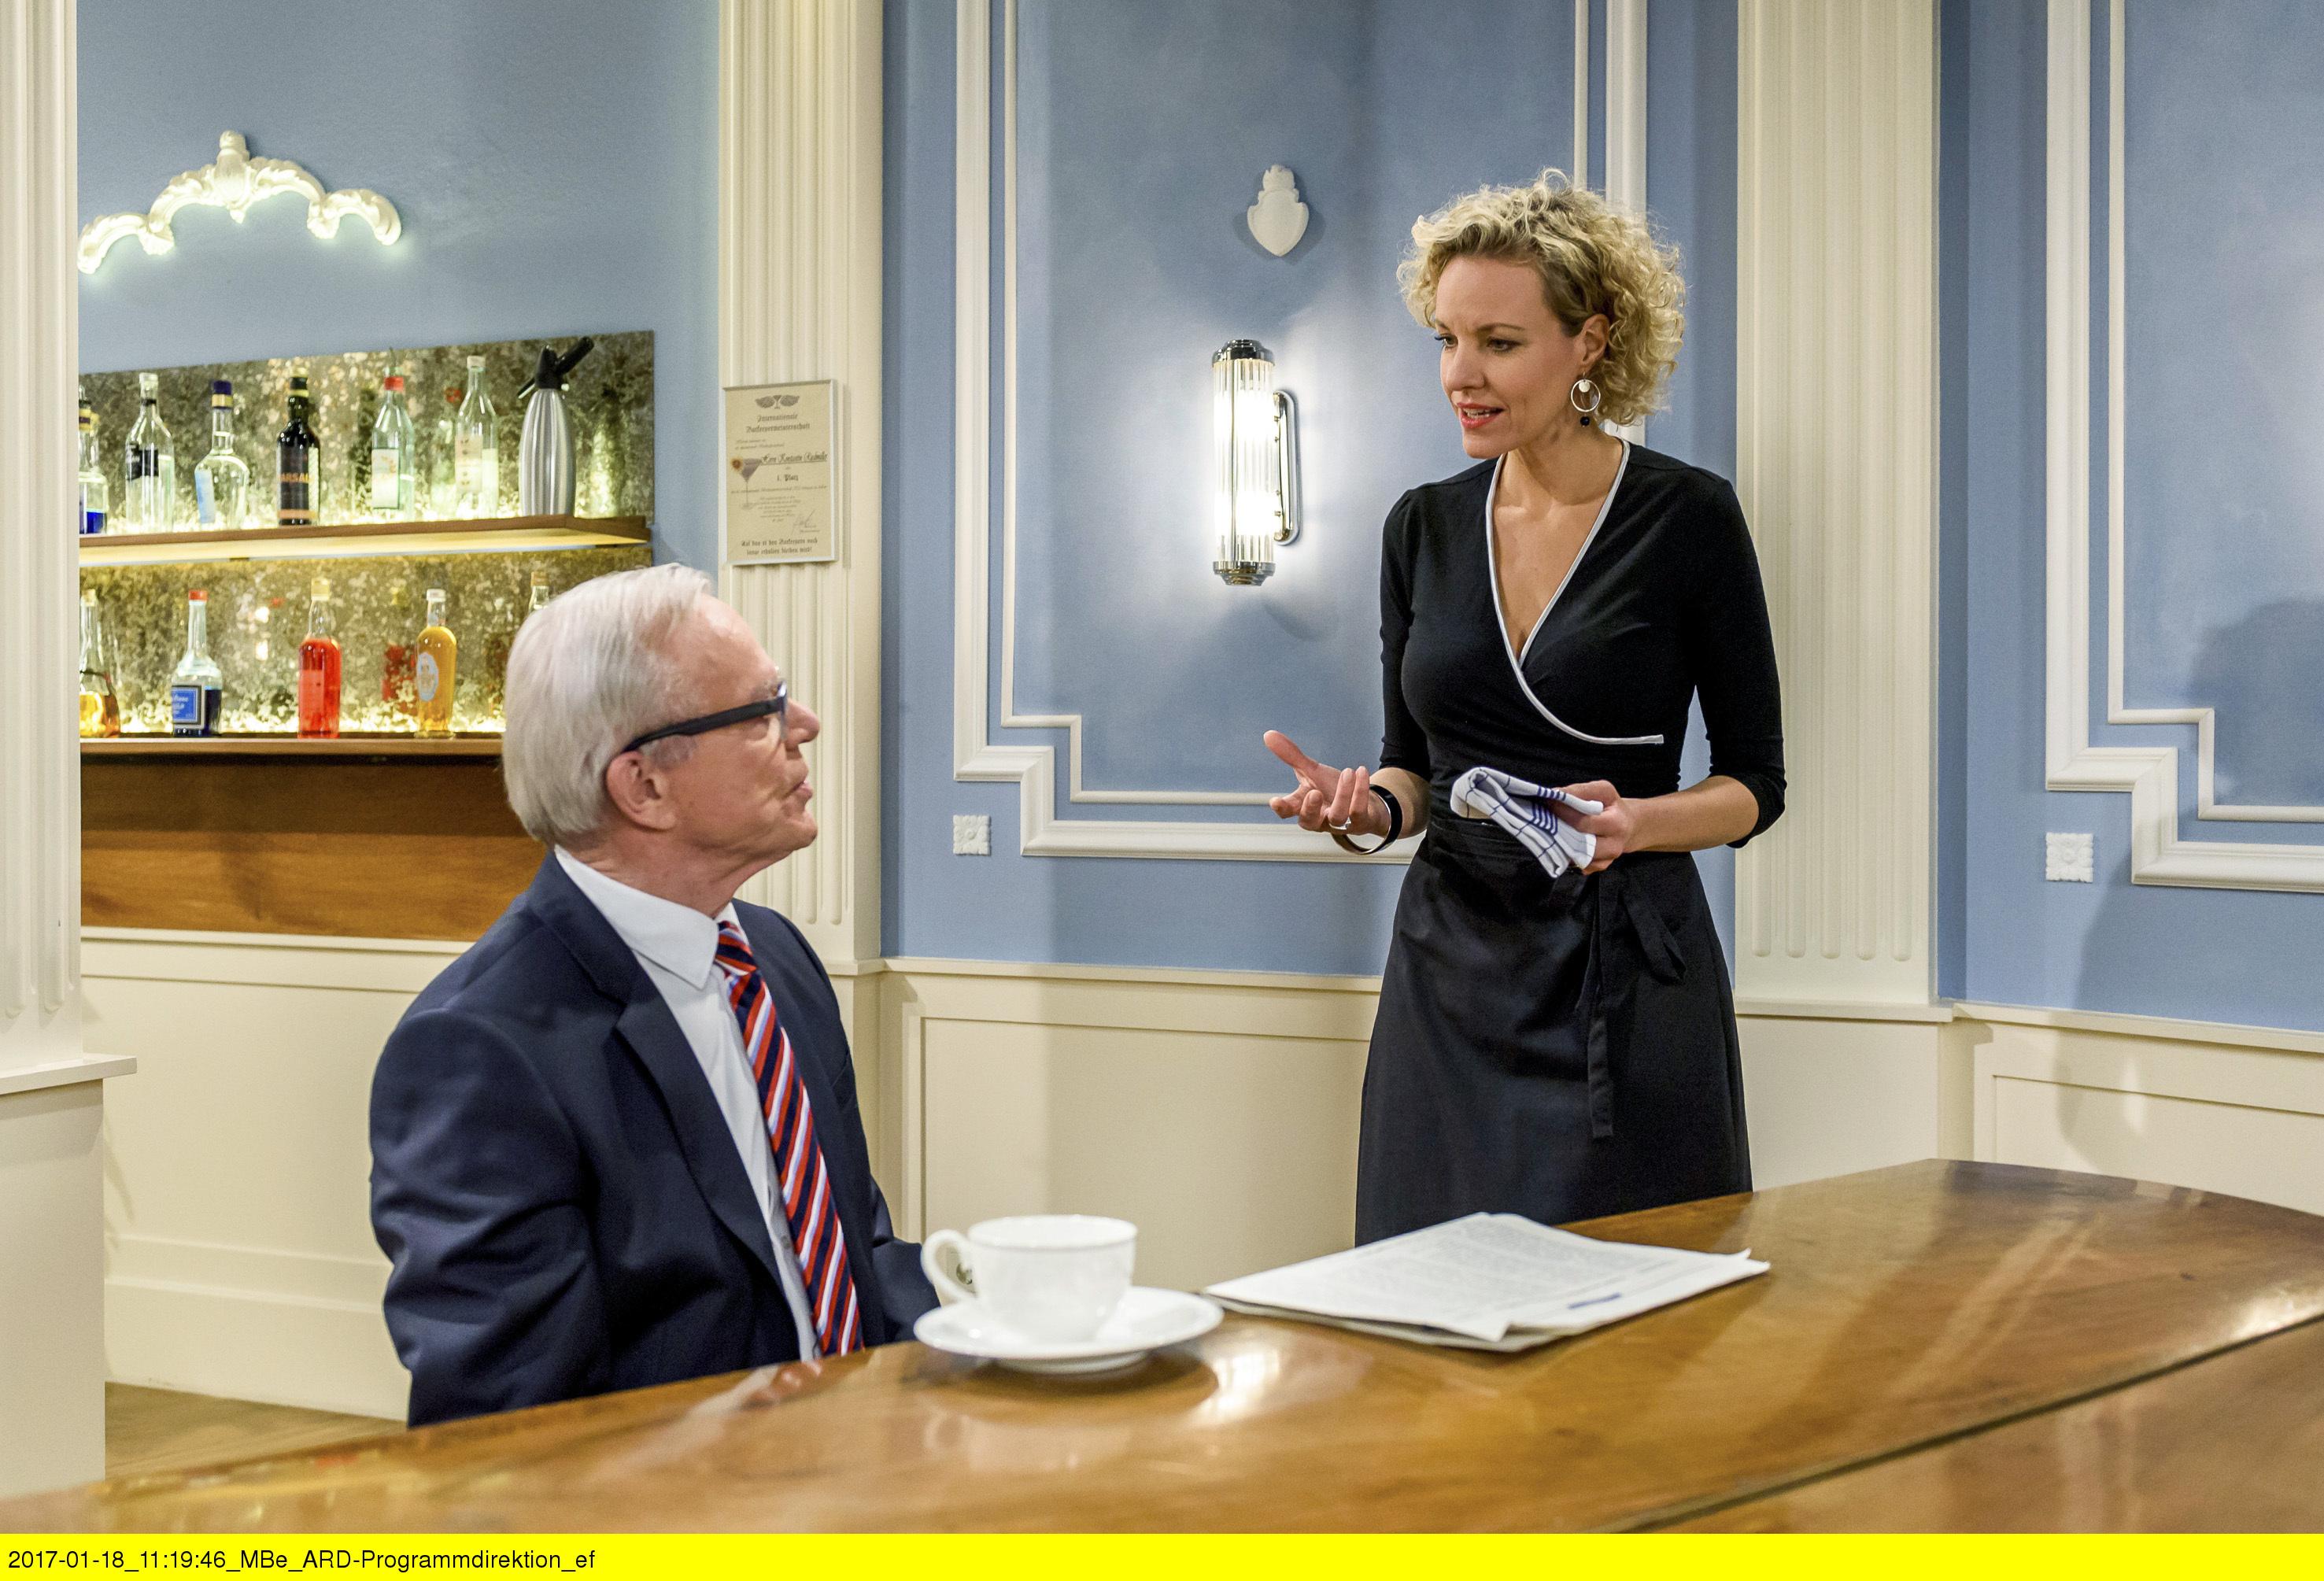 ARD STURM DER LIEBE FOLGE 2644, am Donnerstag (09.03.17) um 15:10 Uhr im ERSTEN. Natascha (Melanie Wiegmann, r.) verteidigt sich vor Werner (Dirk Galuba, l.). (Quelle: ARD/Christof Arnold)